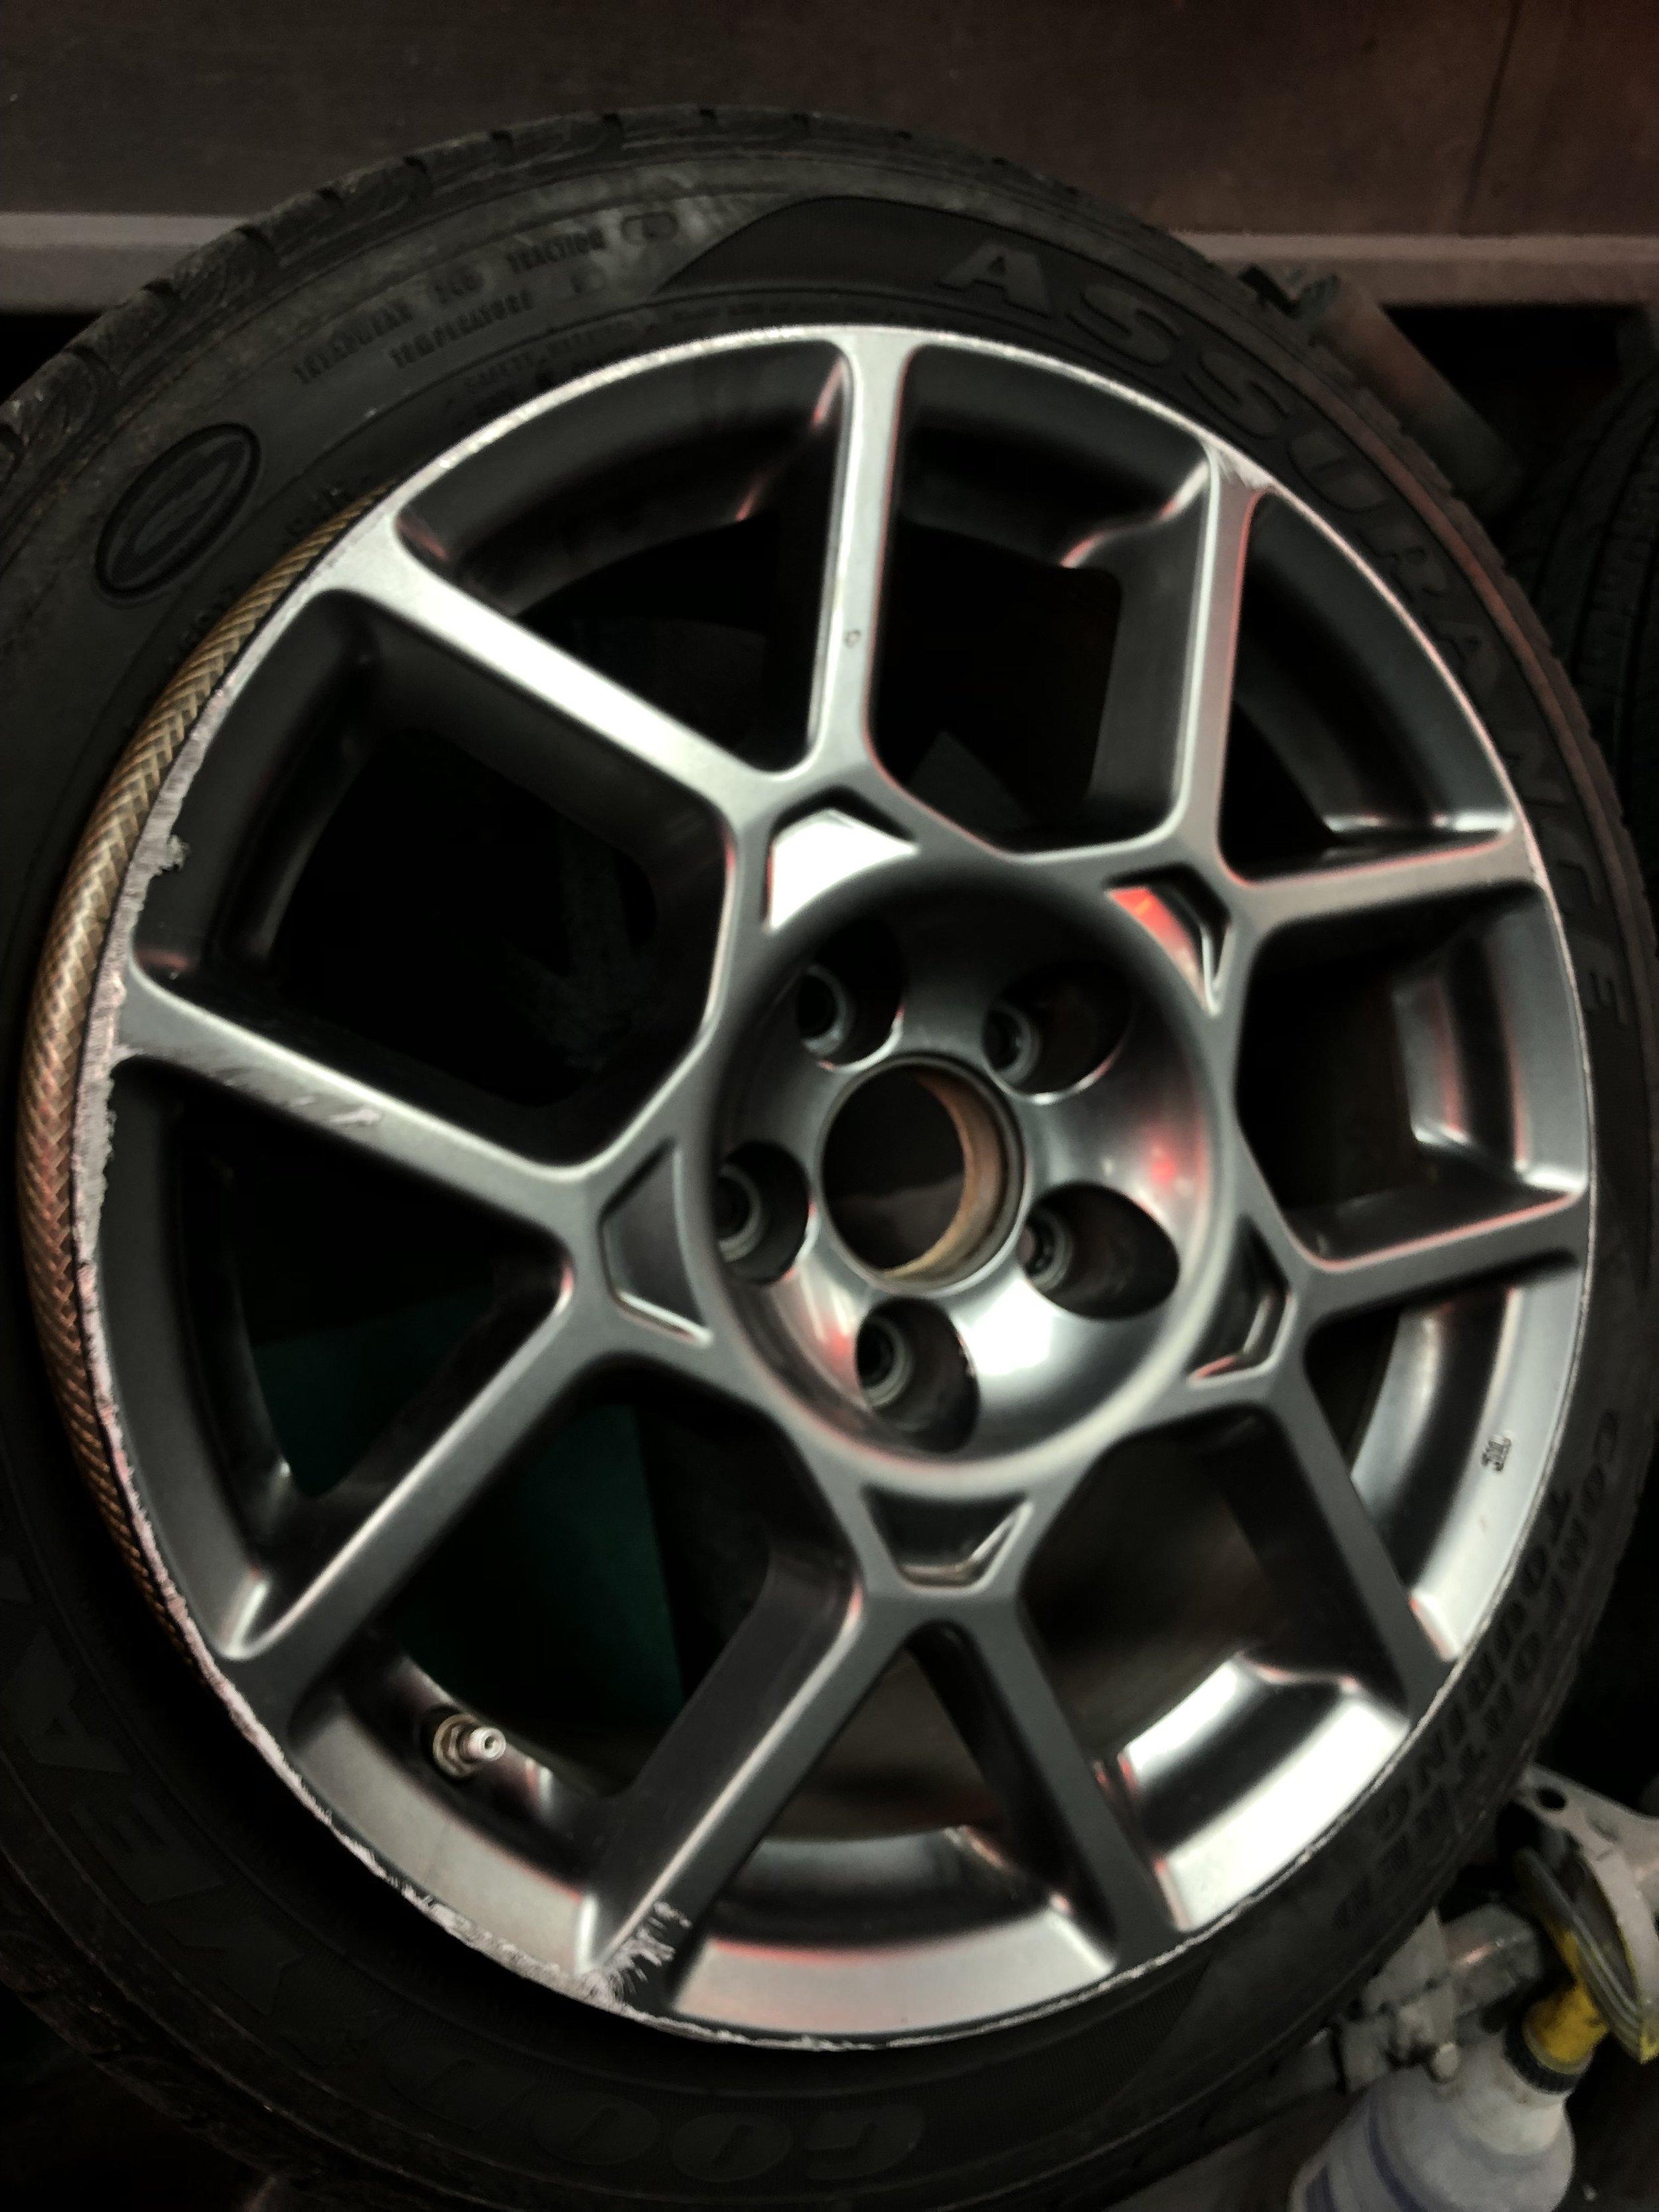 Acura TL before wheel repair & painting